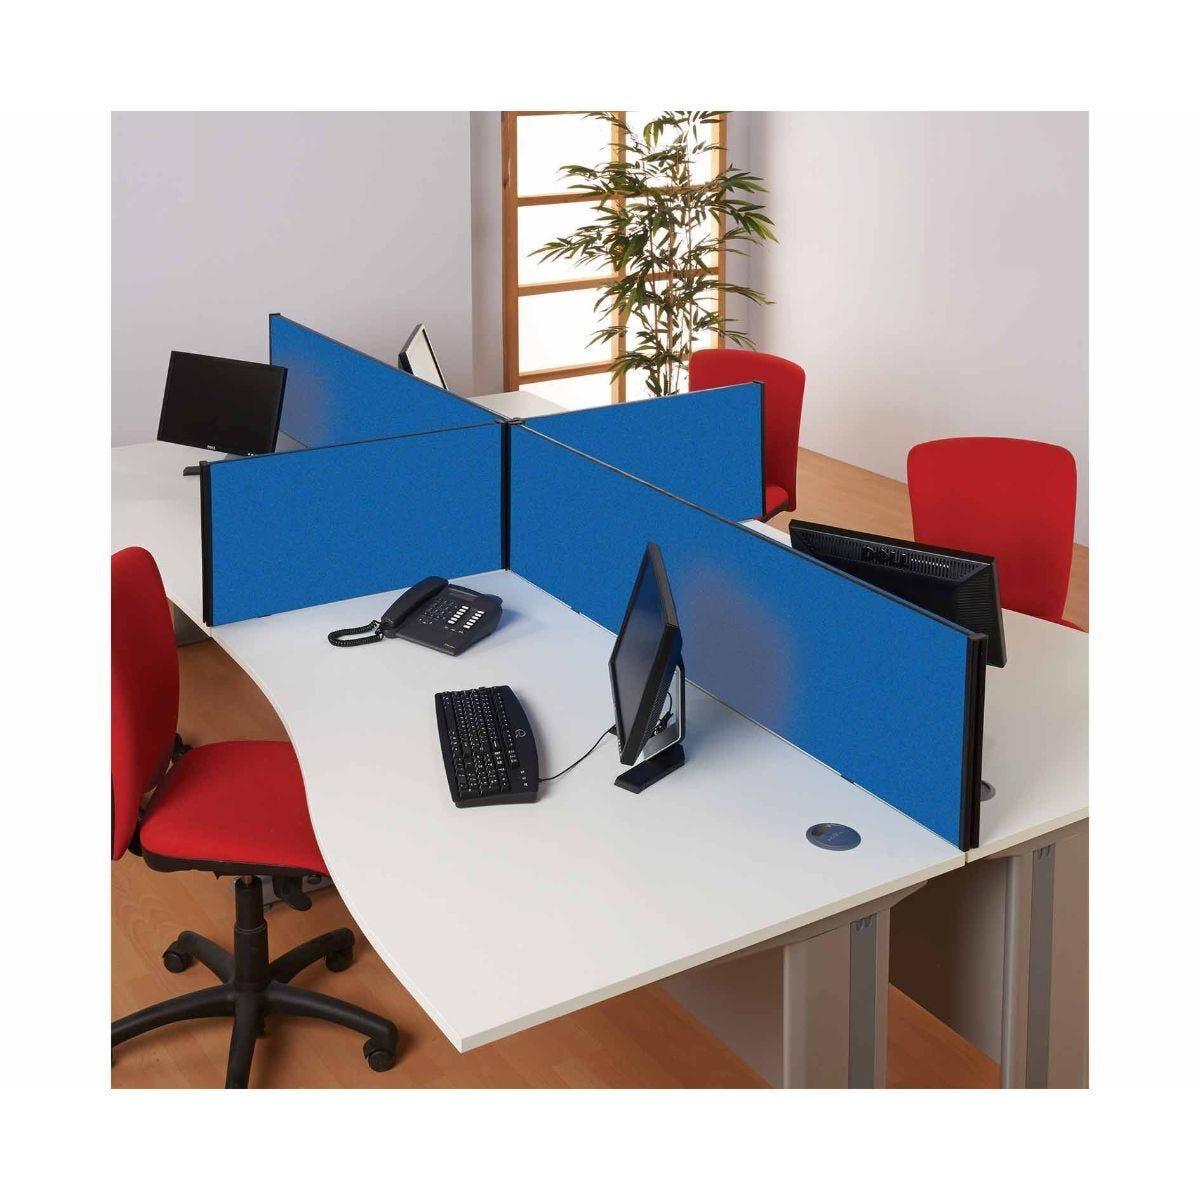 Metroplan BusyScreen Desk Partition Screen 400 x 800mm Blue